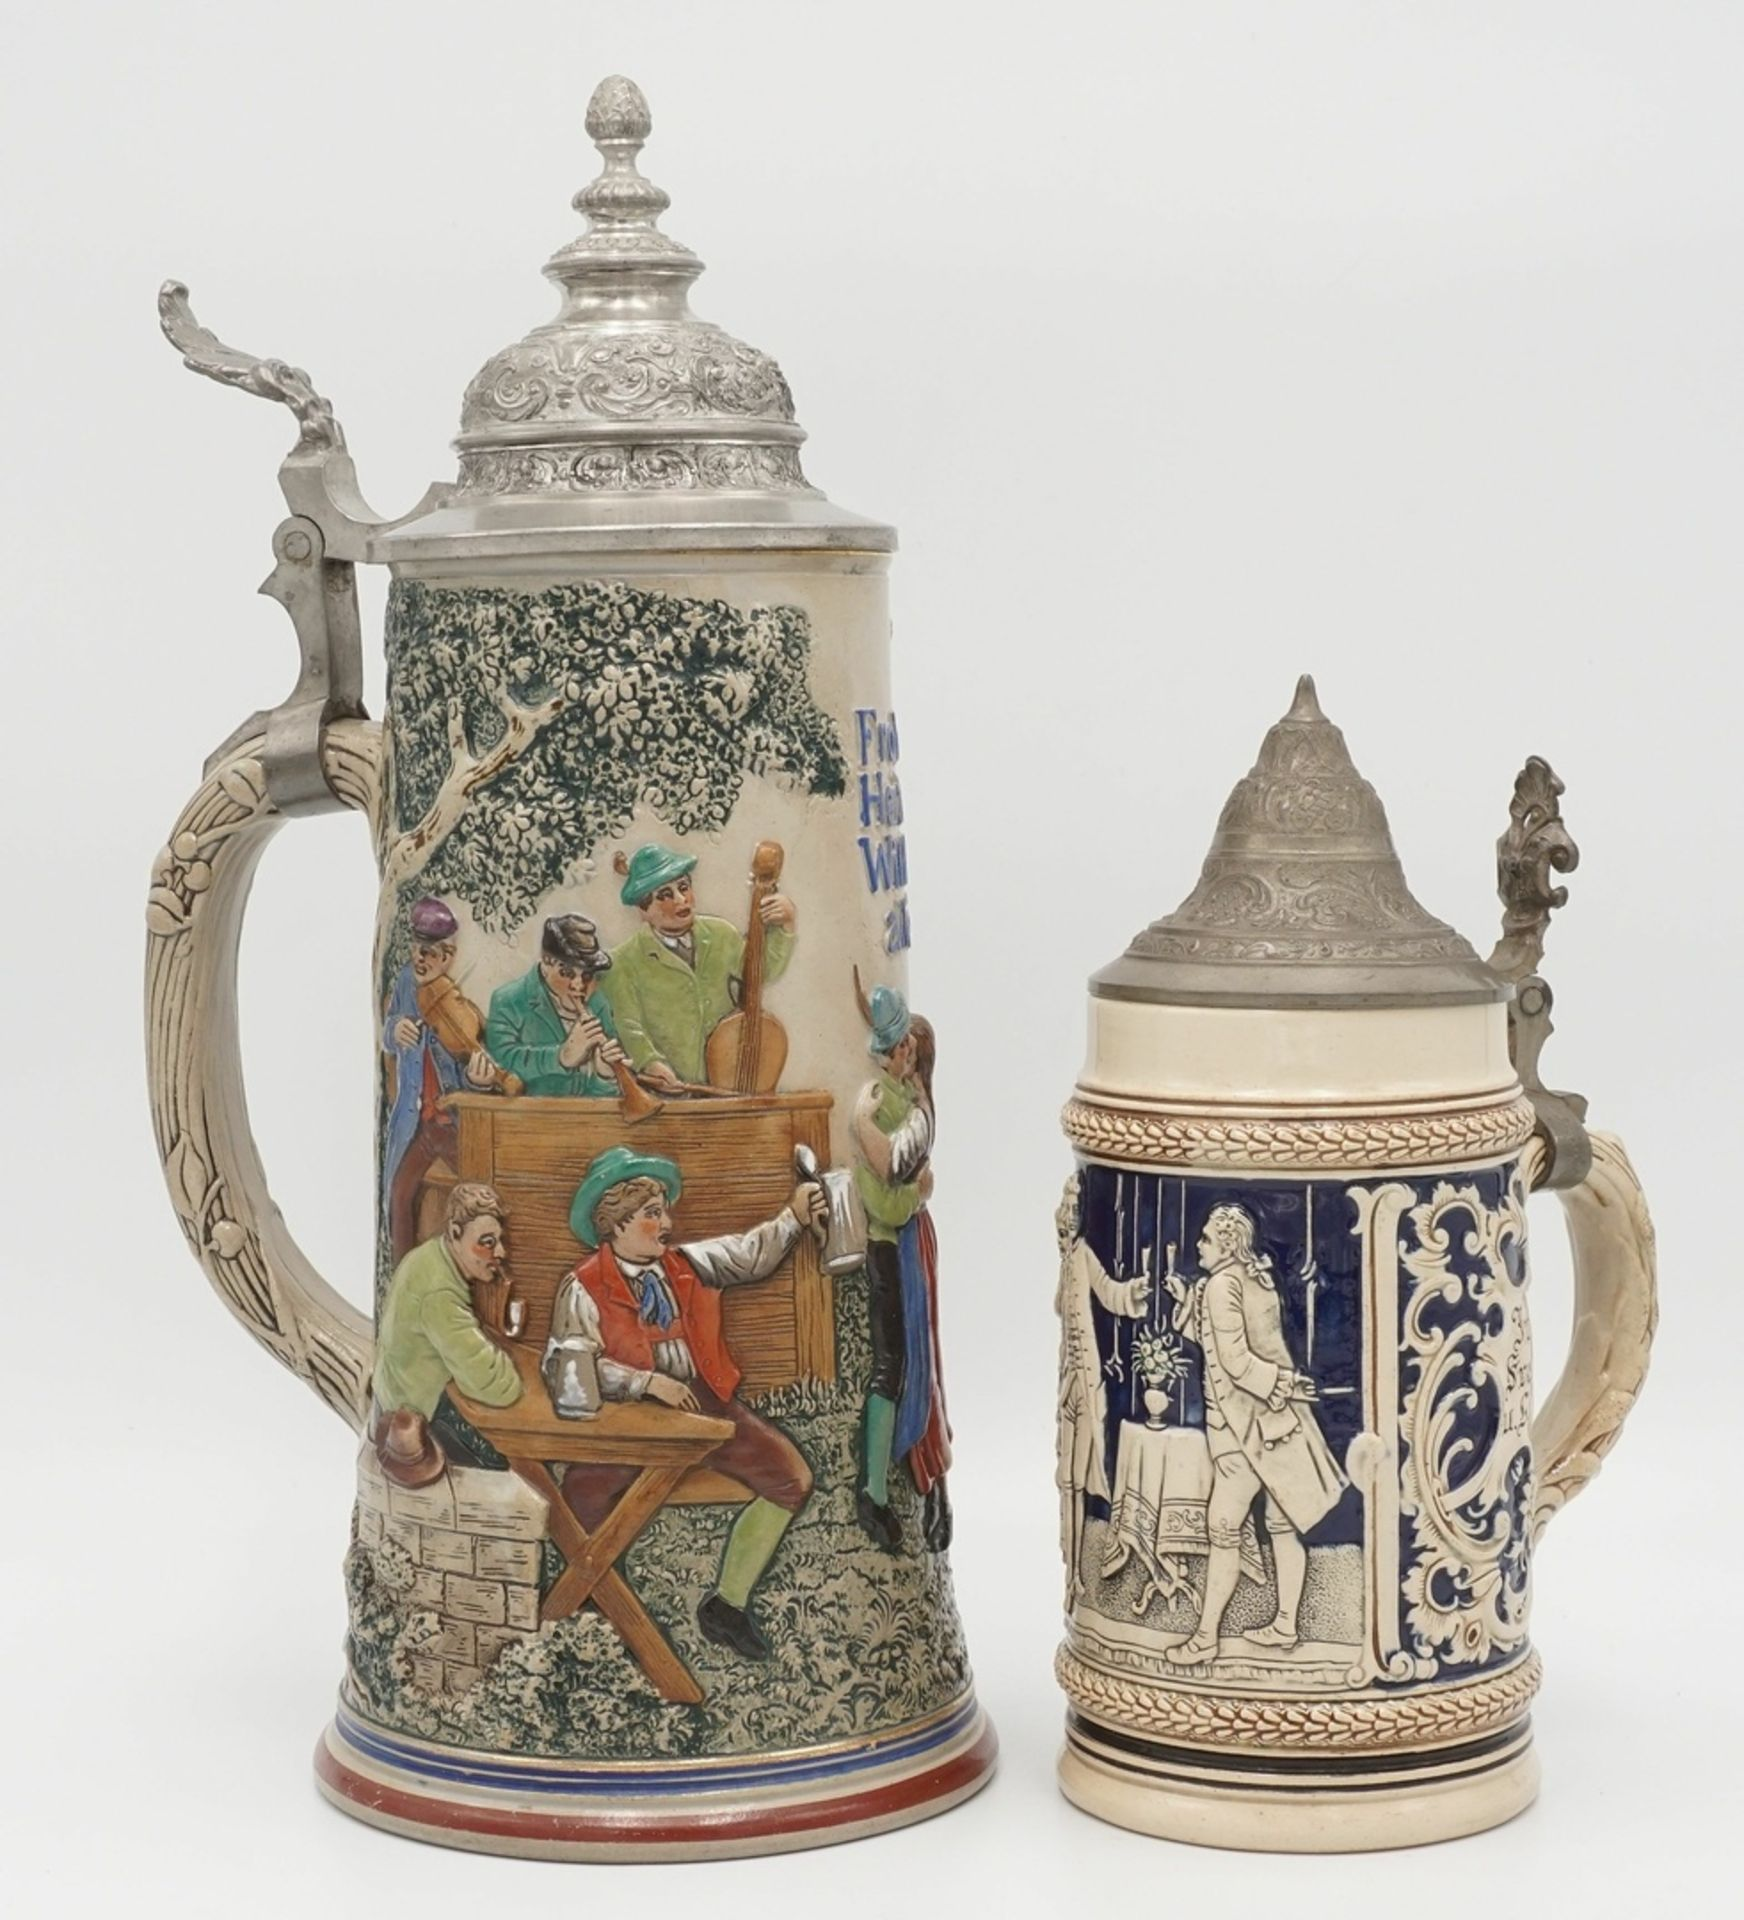 Zwei Bierkrüge, um 1900 - Bild 2 aus 4